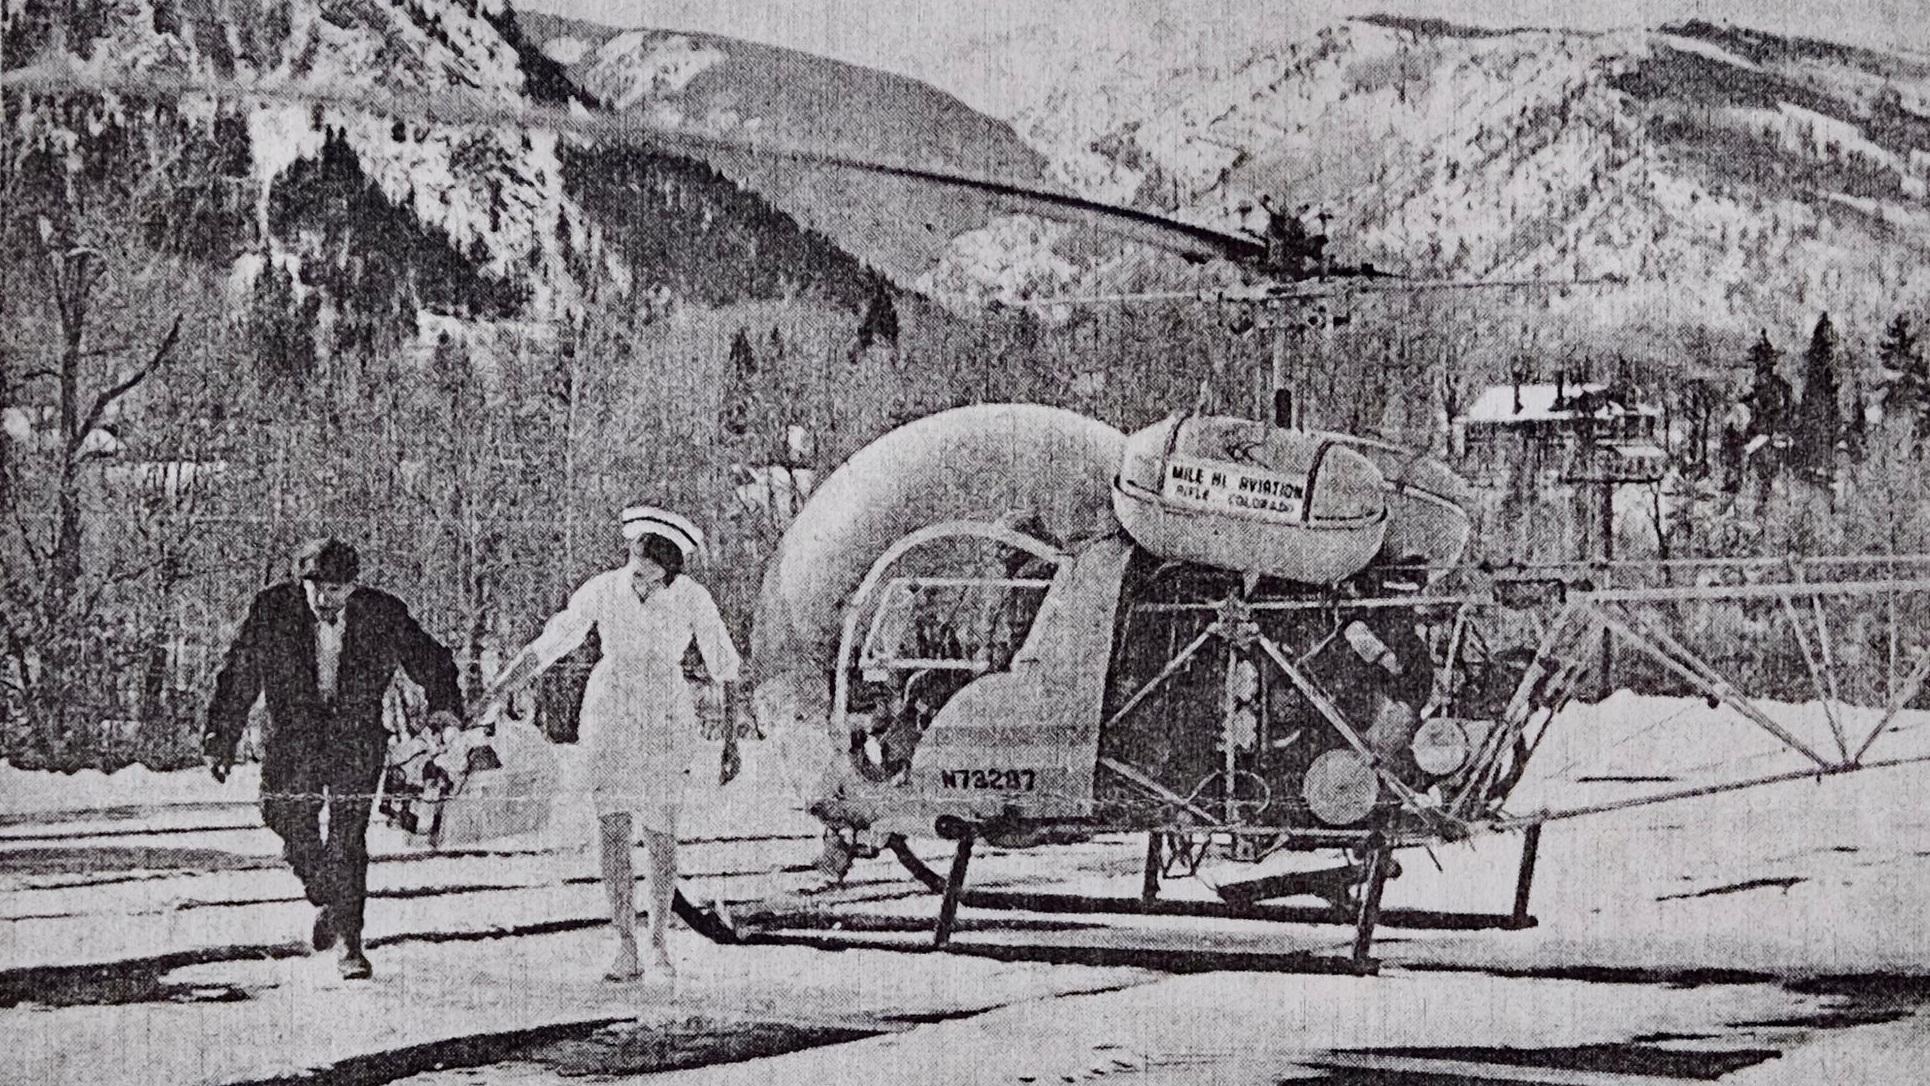 Hospital gets heliport